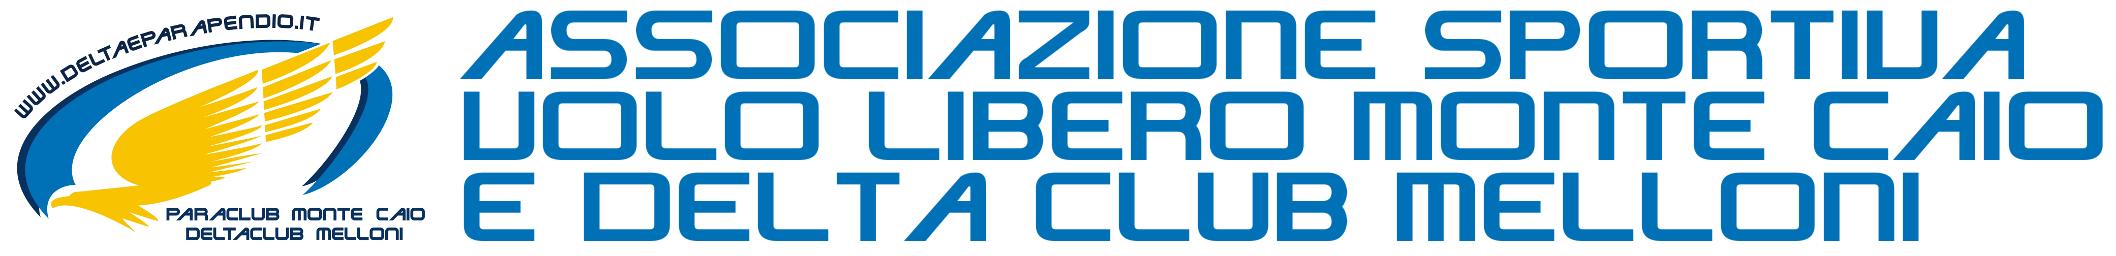 Associazione sportiva Volo libero Monte Caio e Delta Club Melloni